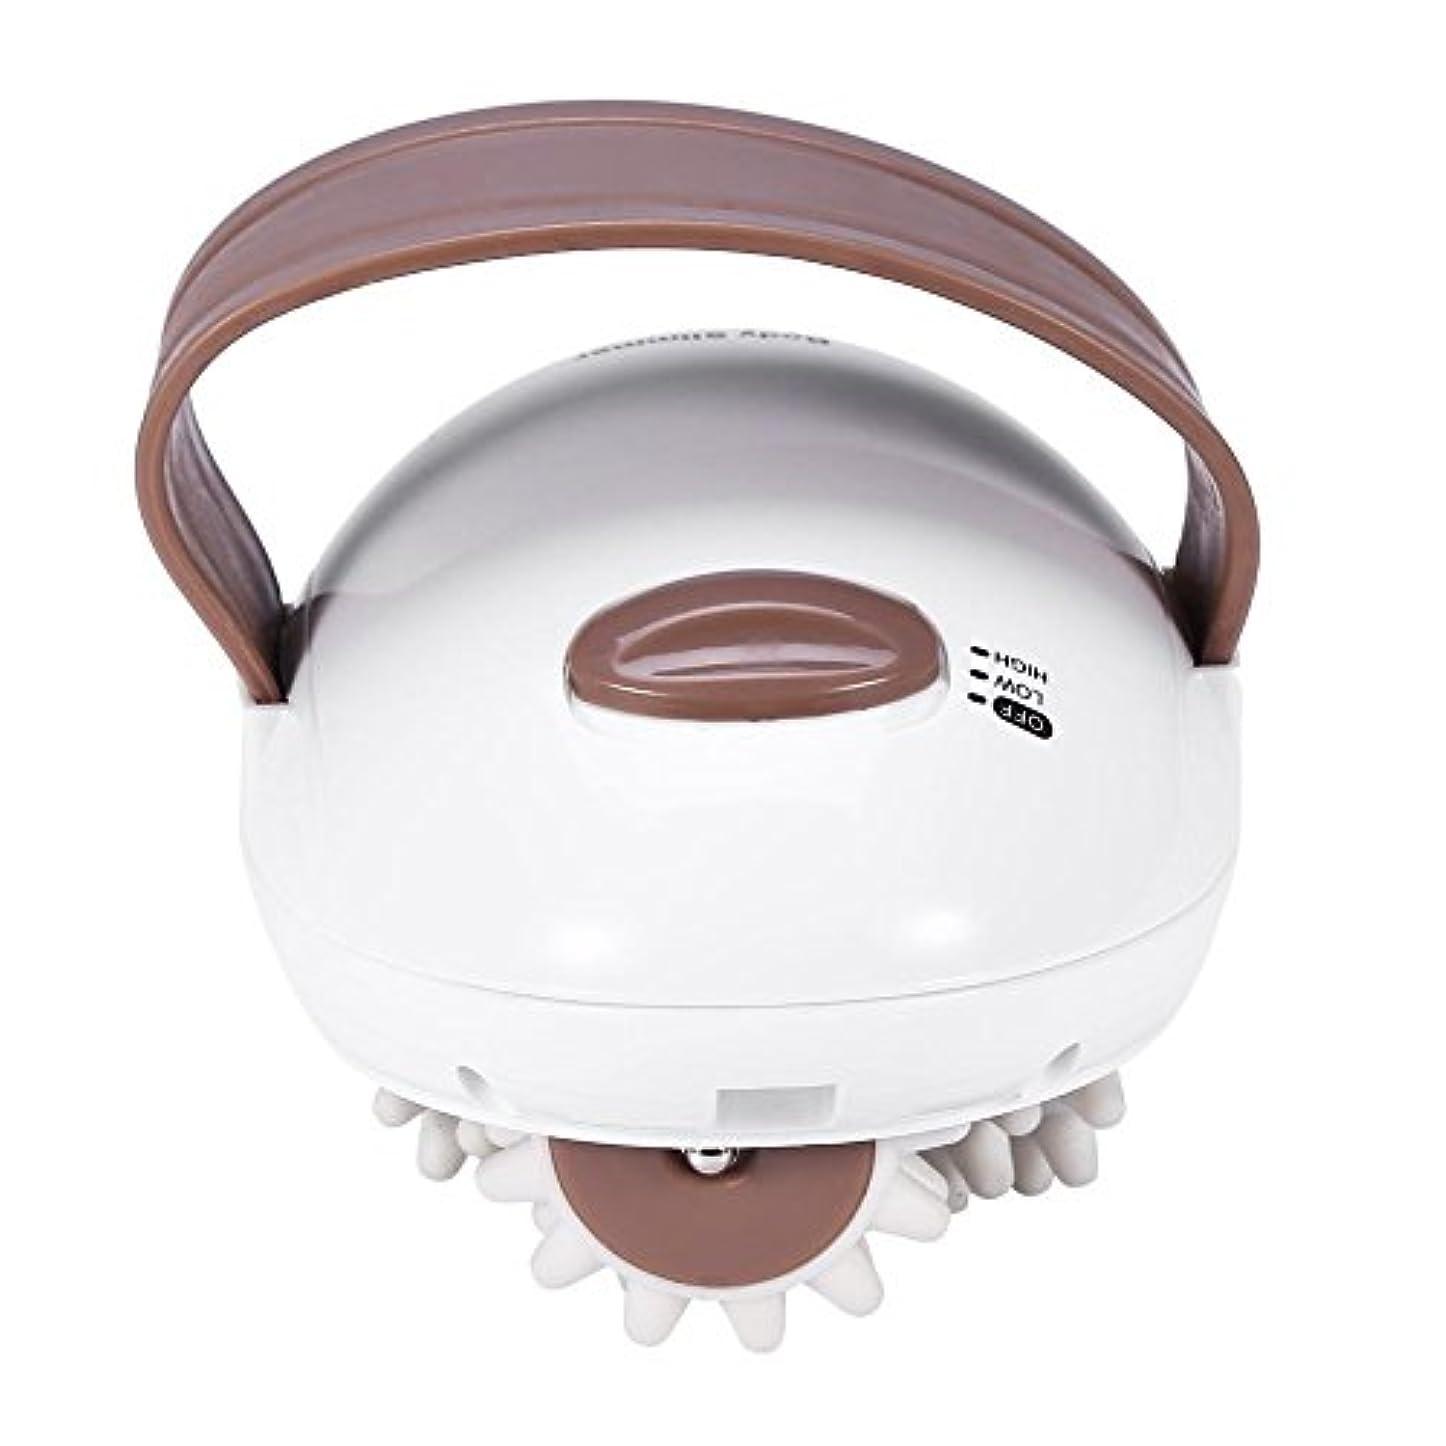 苦難専門用語ハンカチ3D電動マッサージ完全リラクゼーションボディマッサージ機器(1)